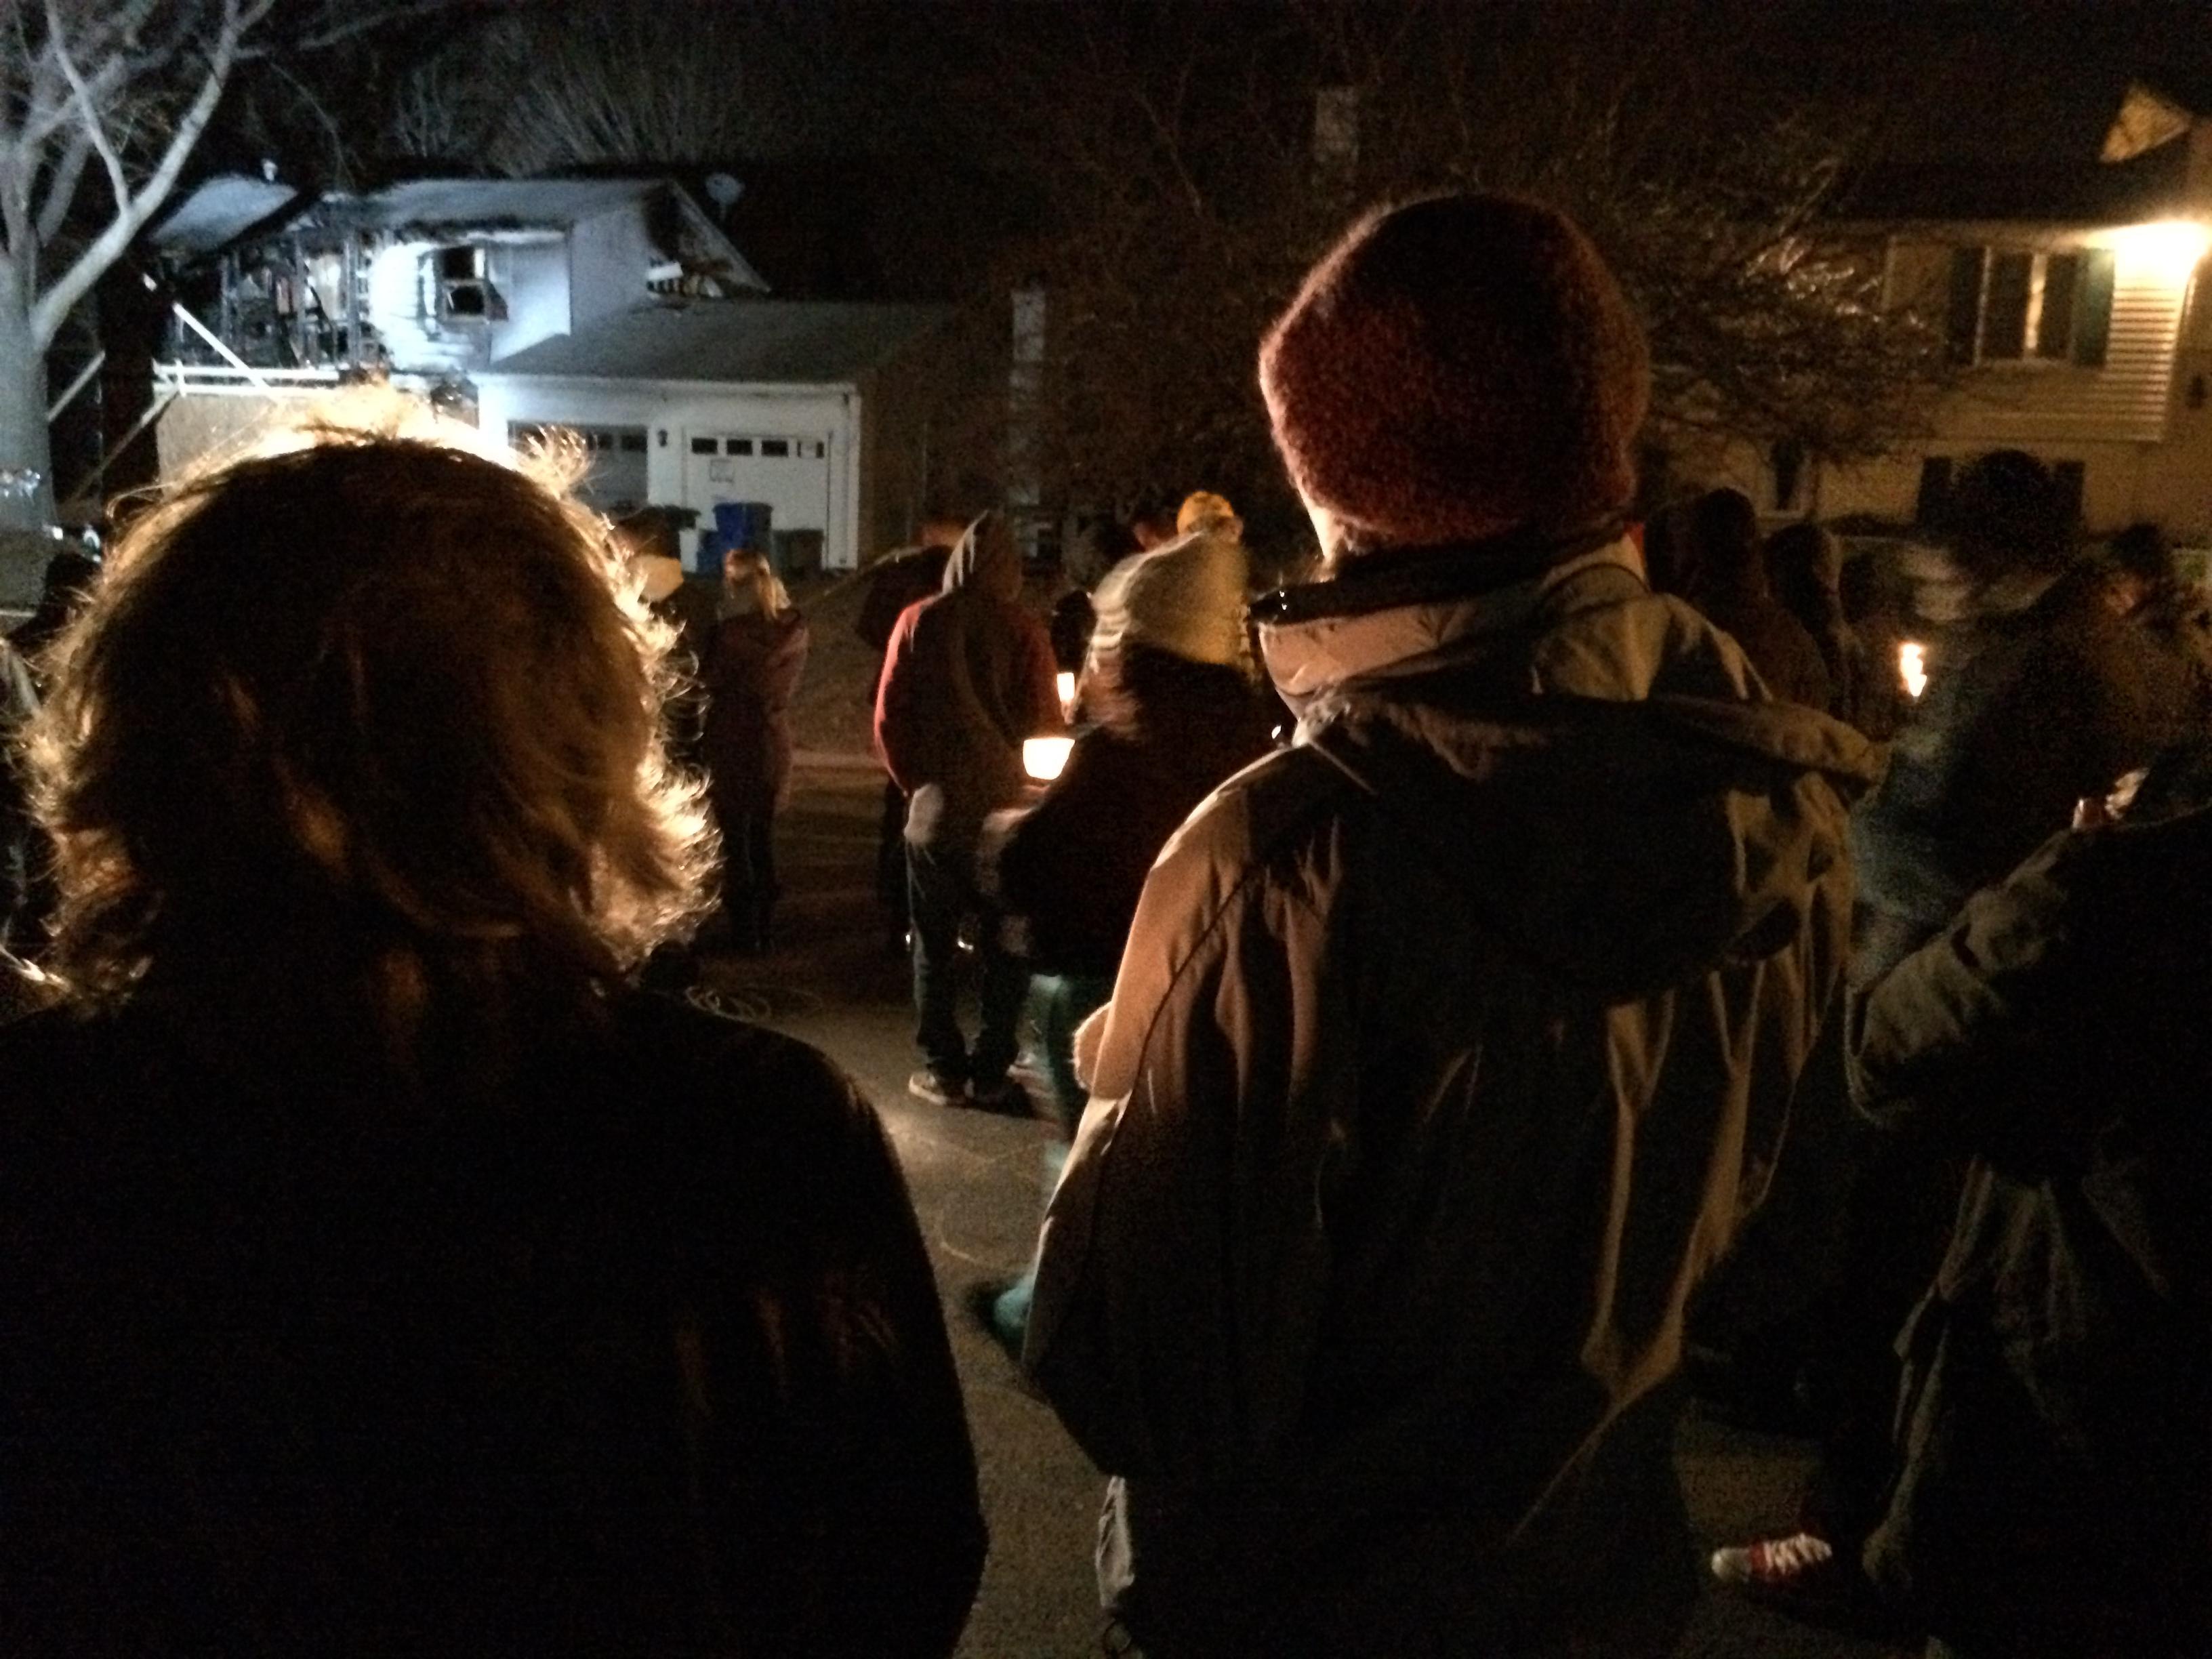 Vigil held outside Gemmell home after deadly plane crash